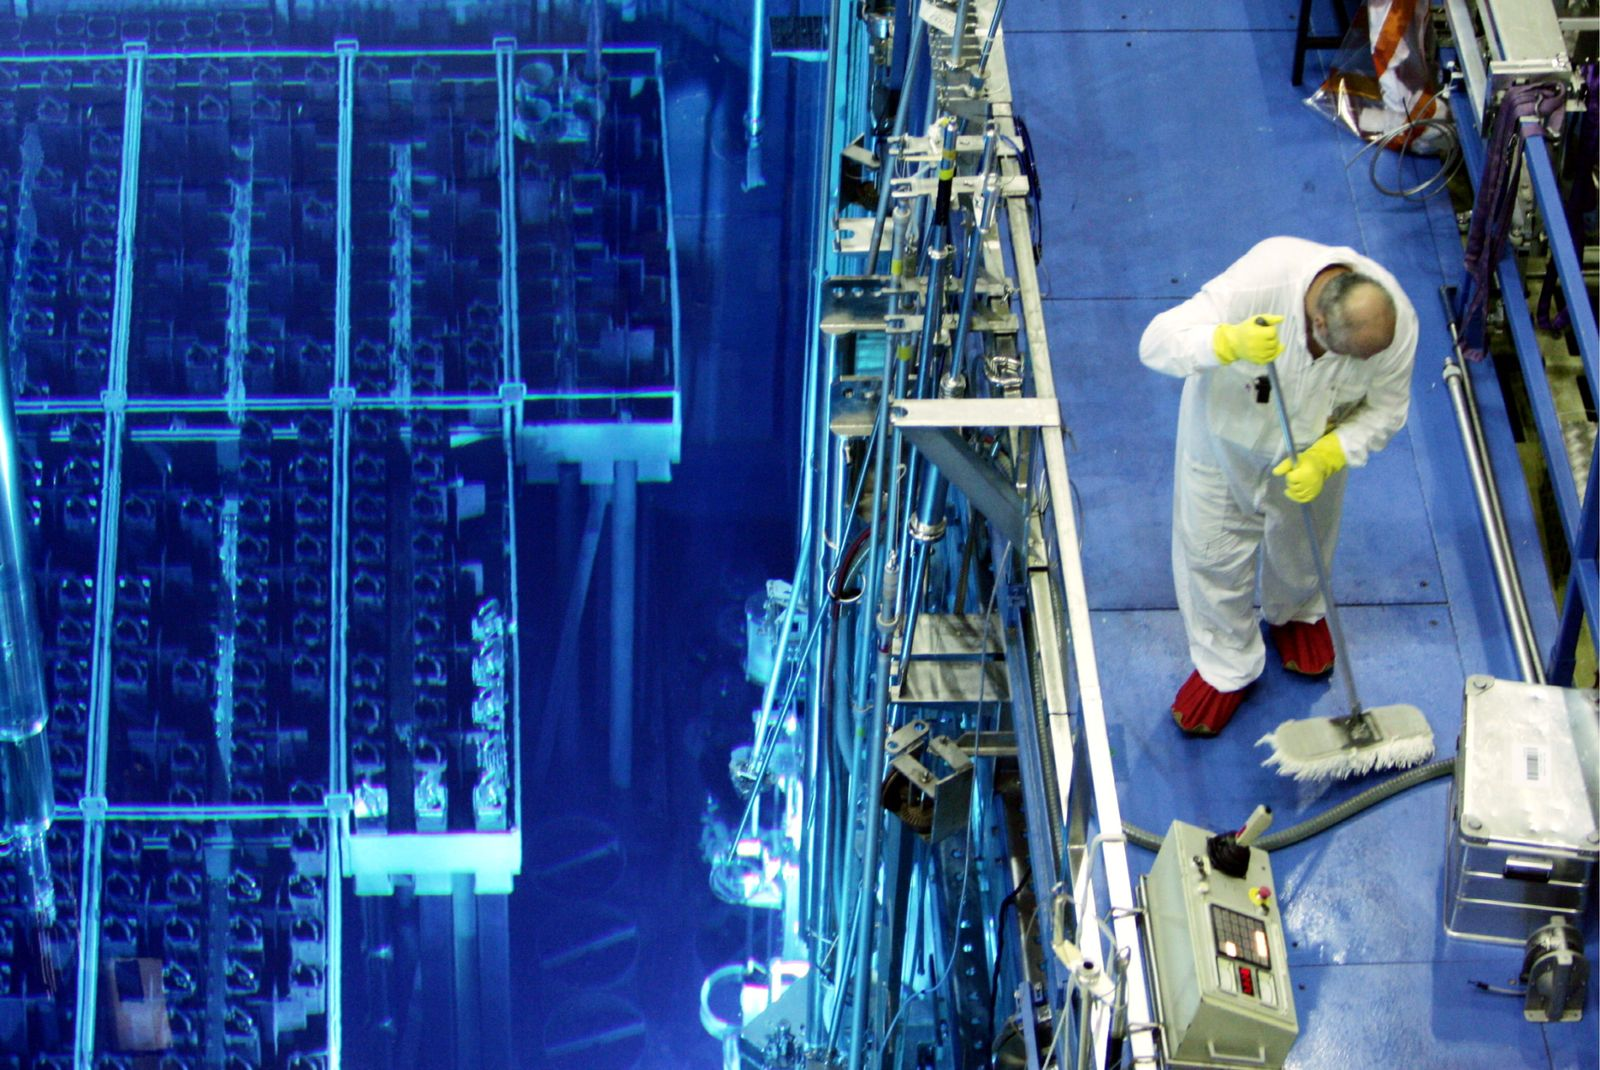 NICHT VERWENDEN Mitarbeiter AKW Atomkraftwerk Arbeiter